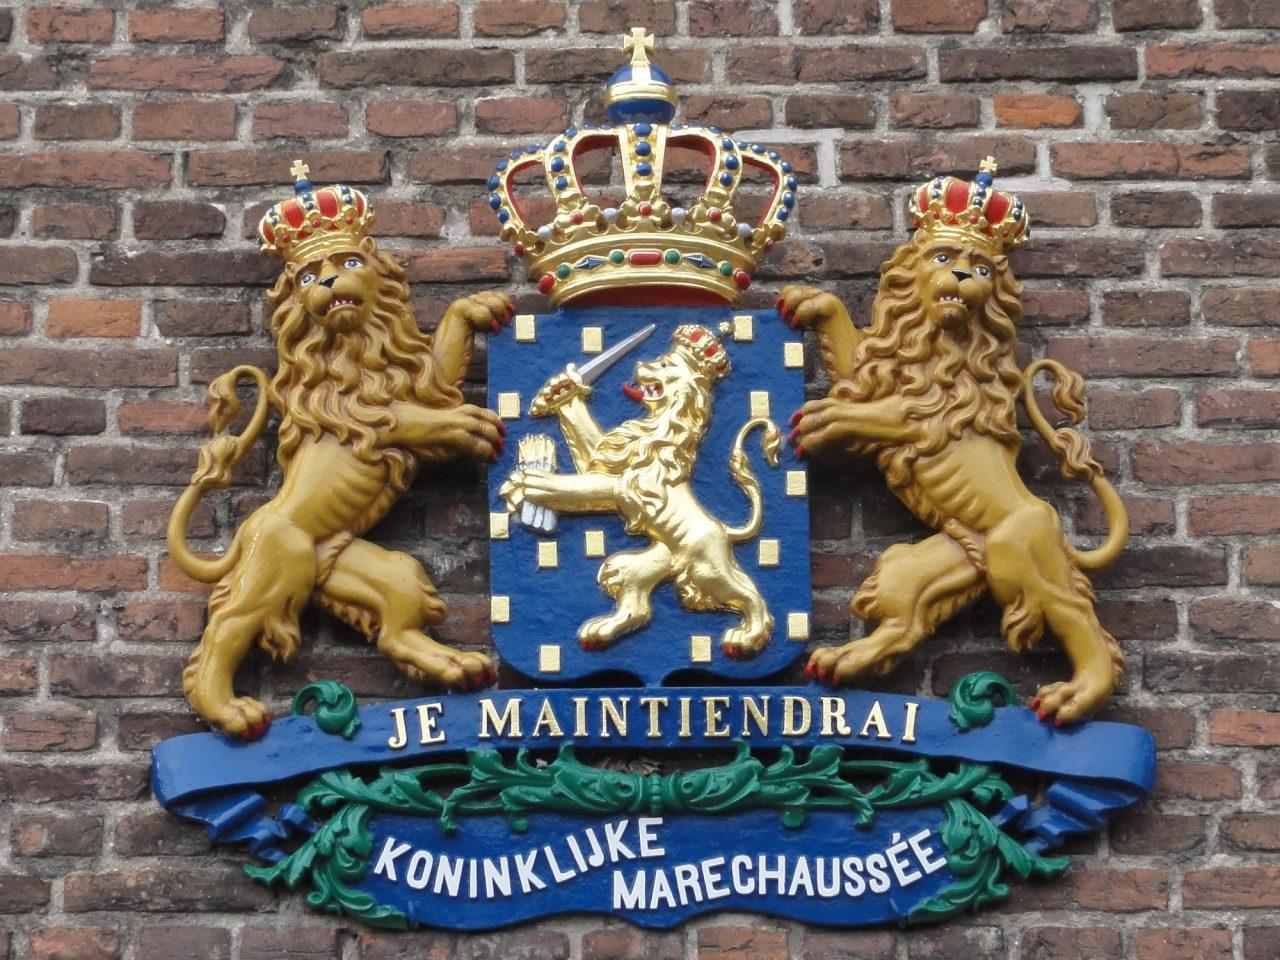 Pays-Bas, Je maintiendrai, devise nationale du royaume